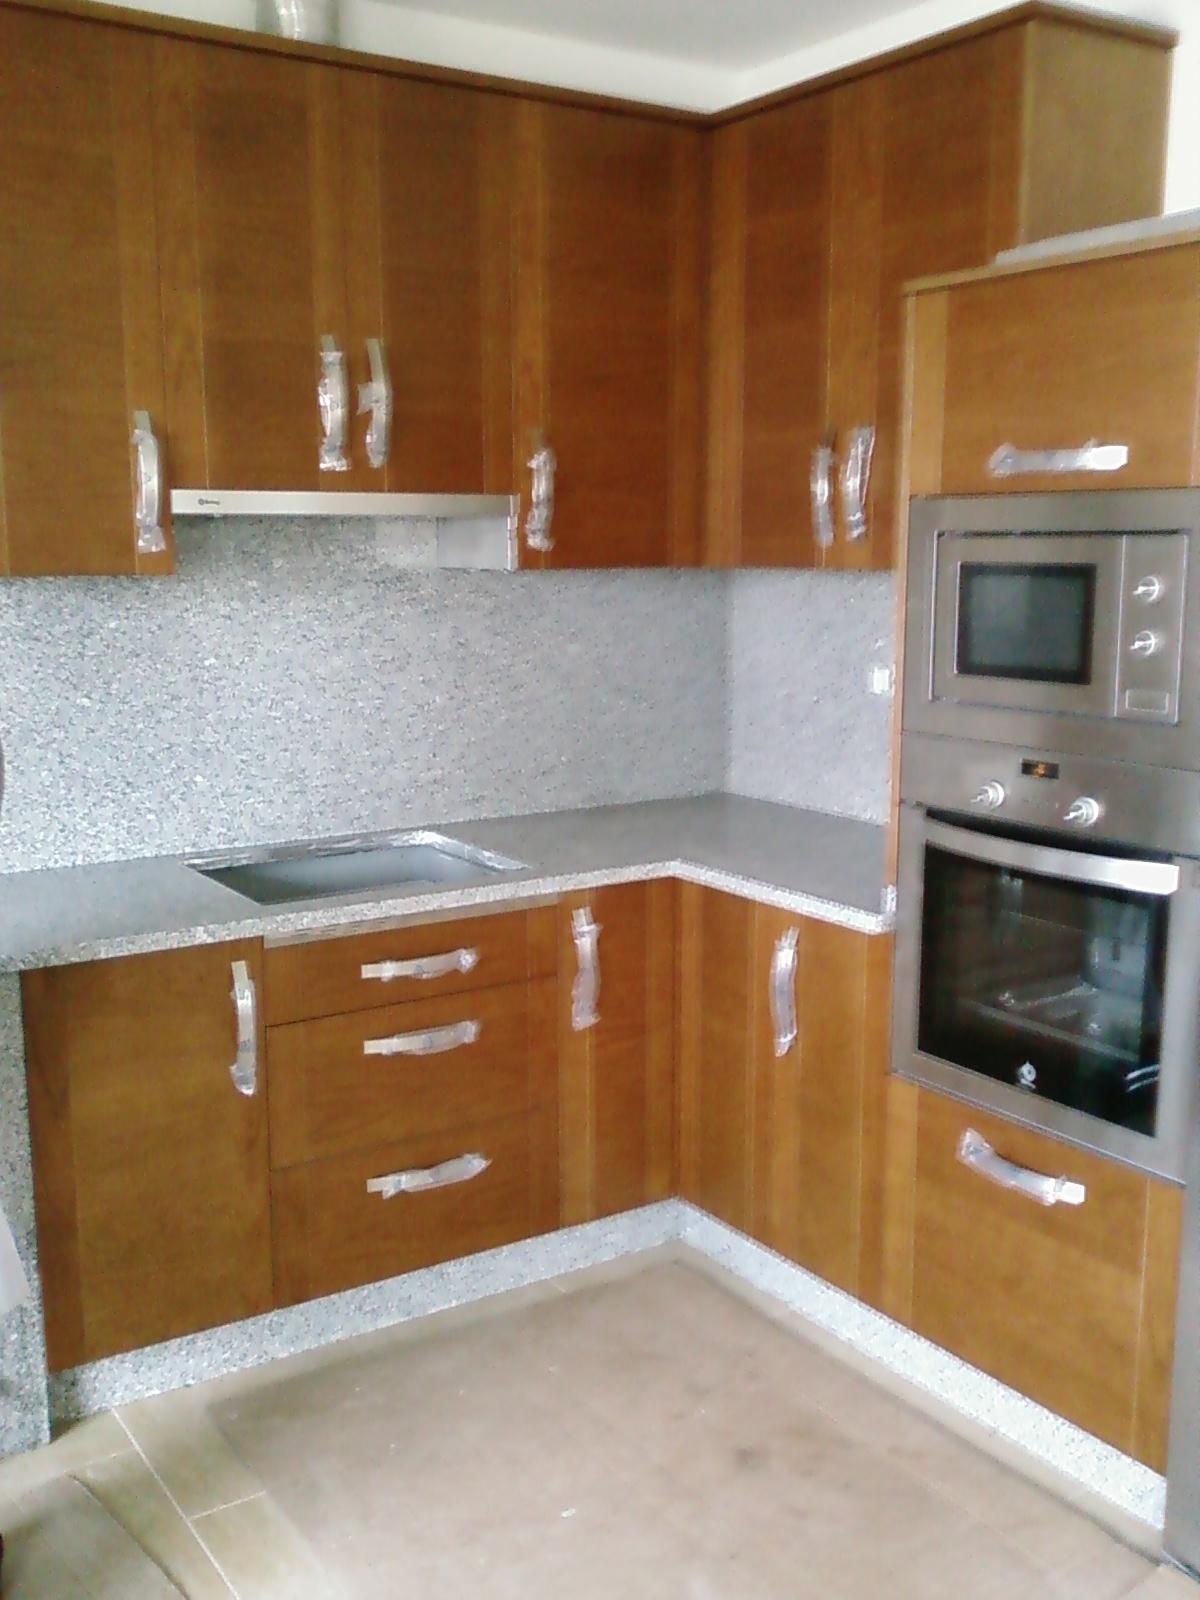 Encimeras de cocina y ba o tecnigranit - Encimeras de marmol para cocinas ...